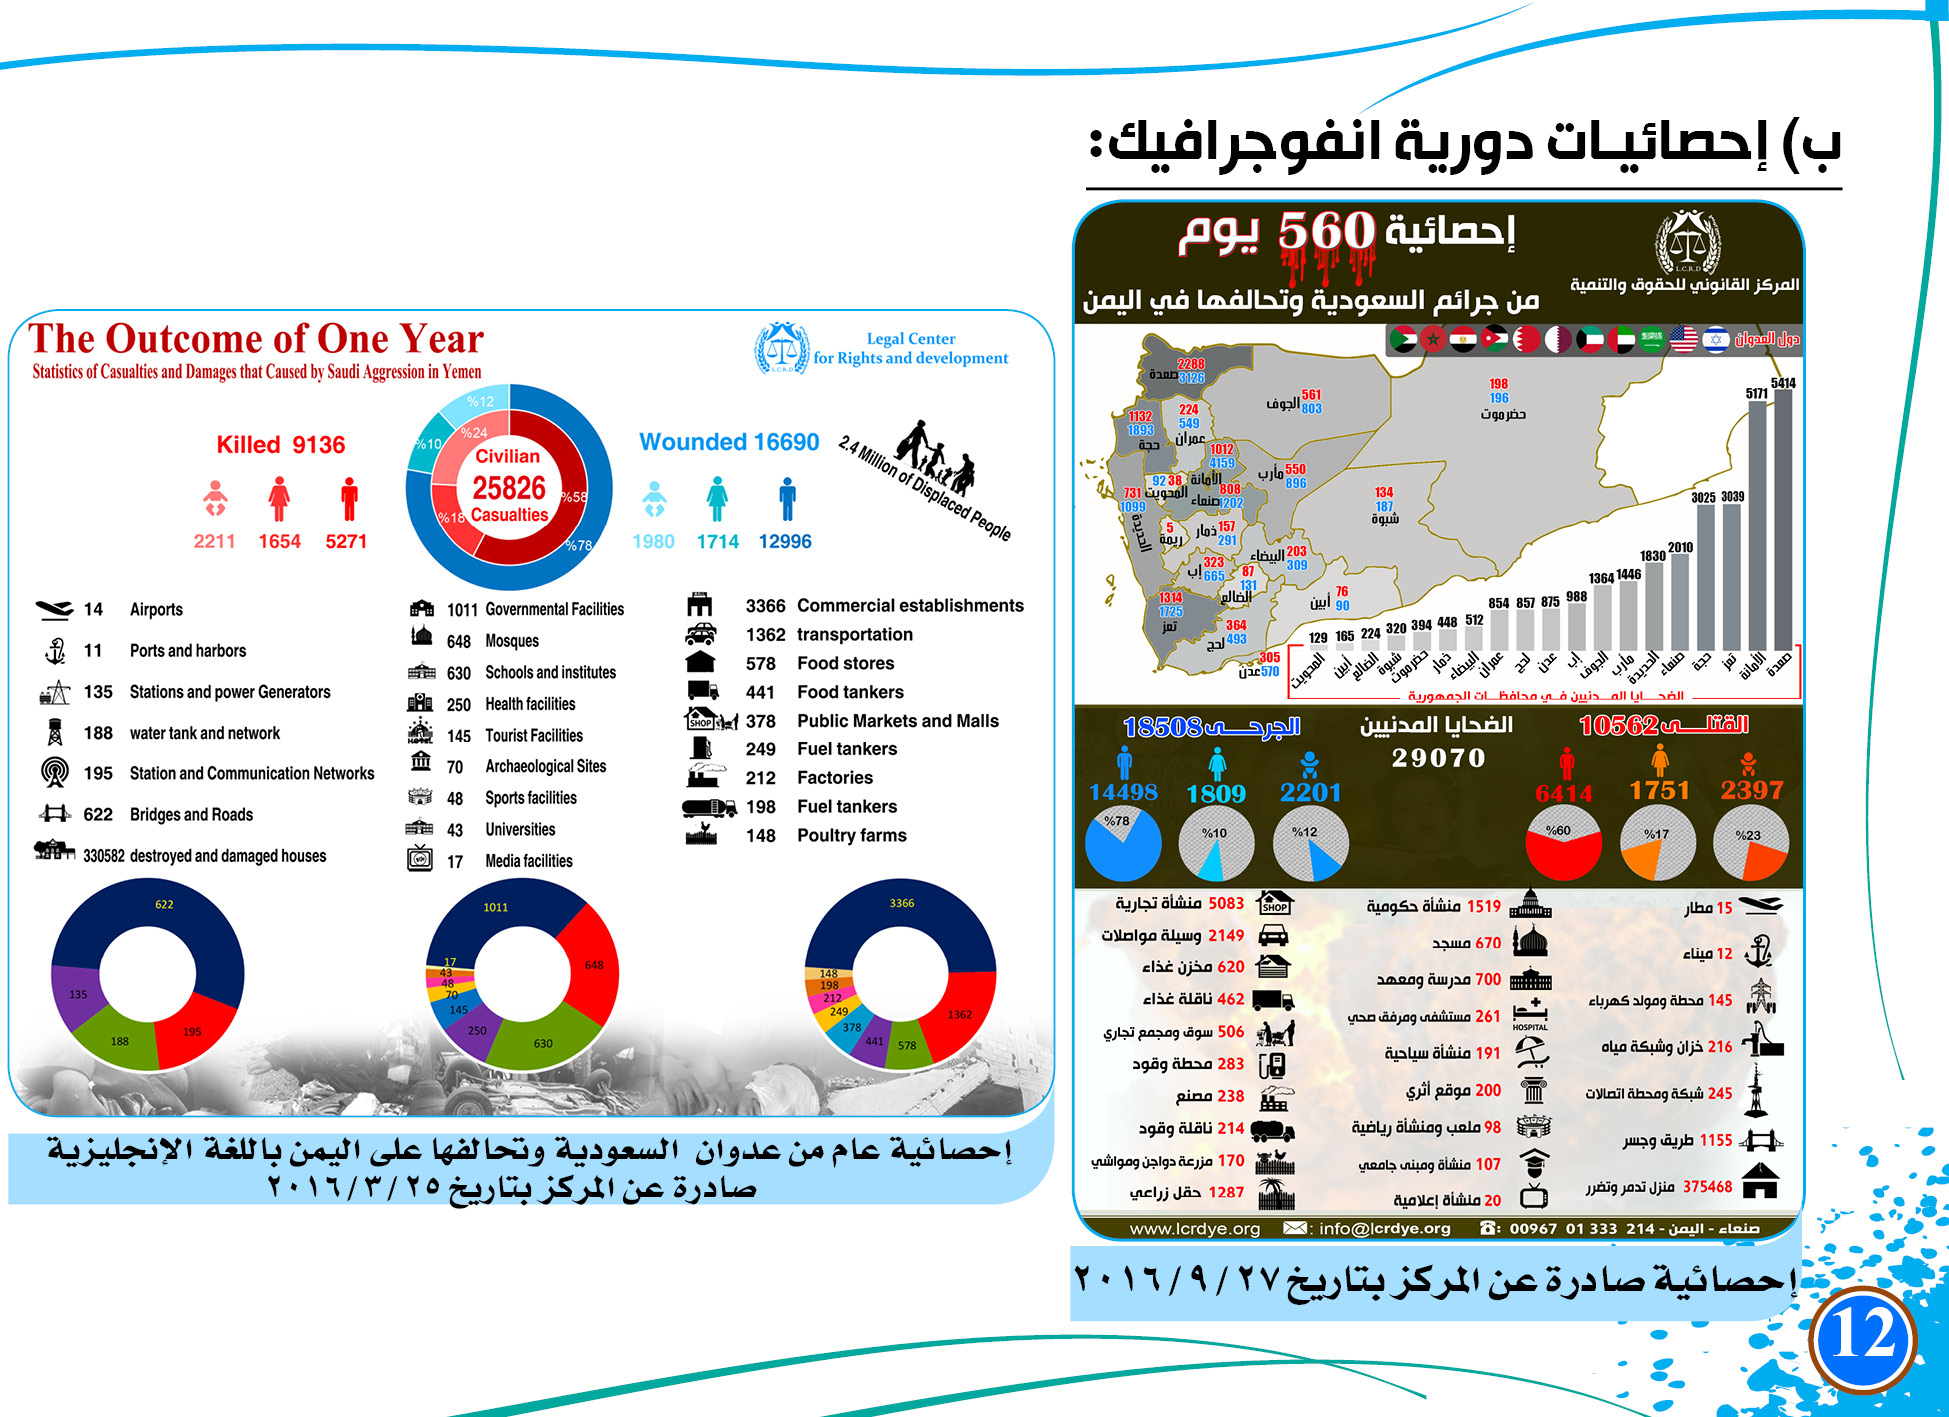 برشور المركز القانوني باللغة العربية12